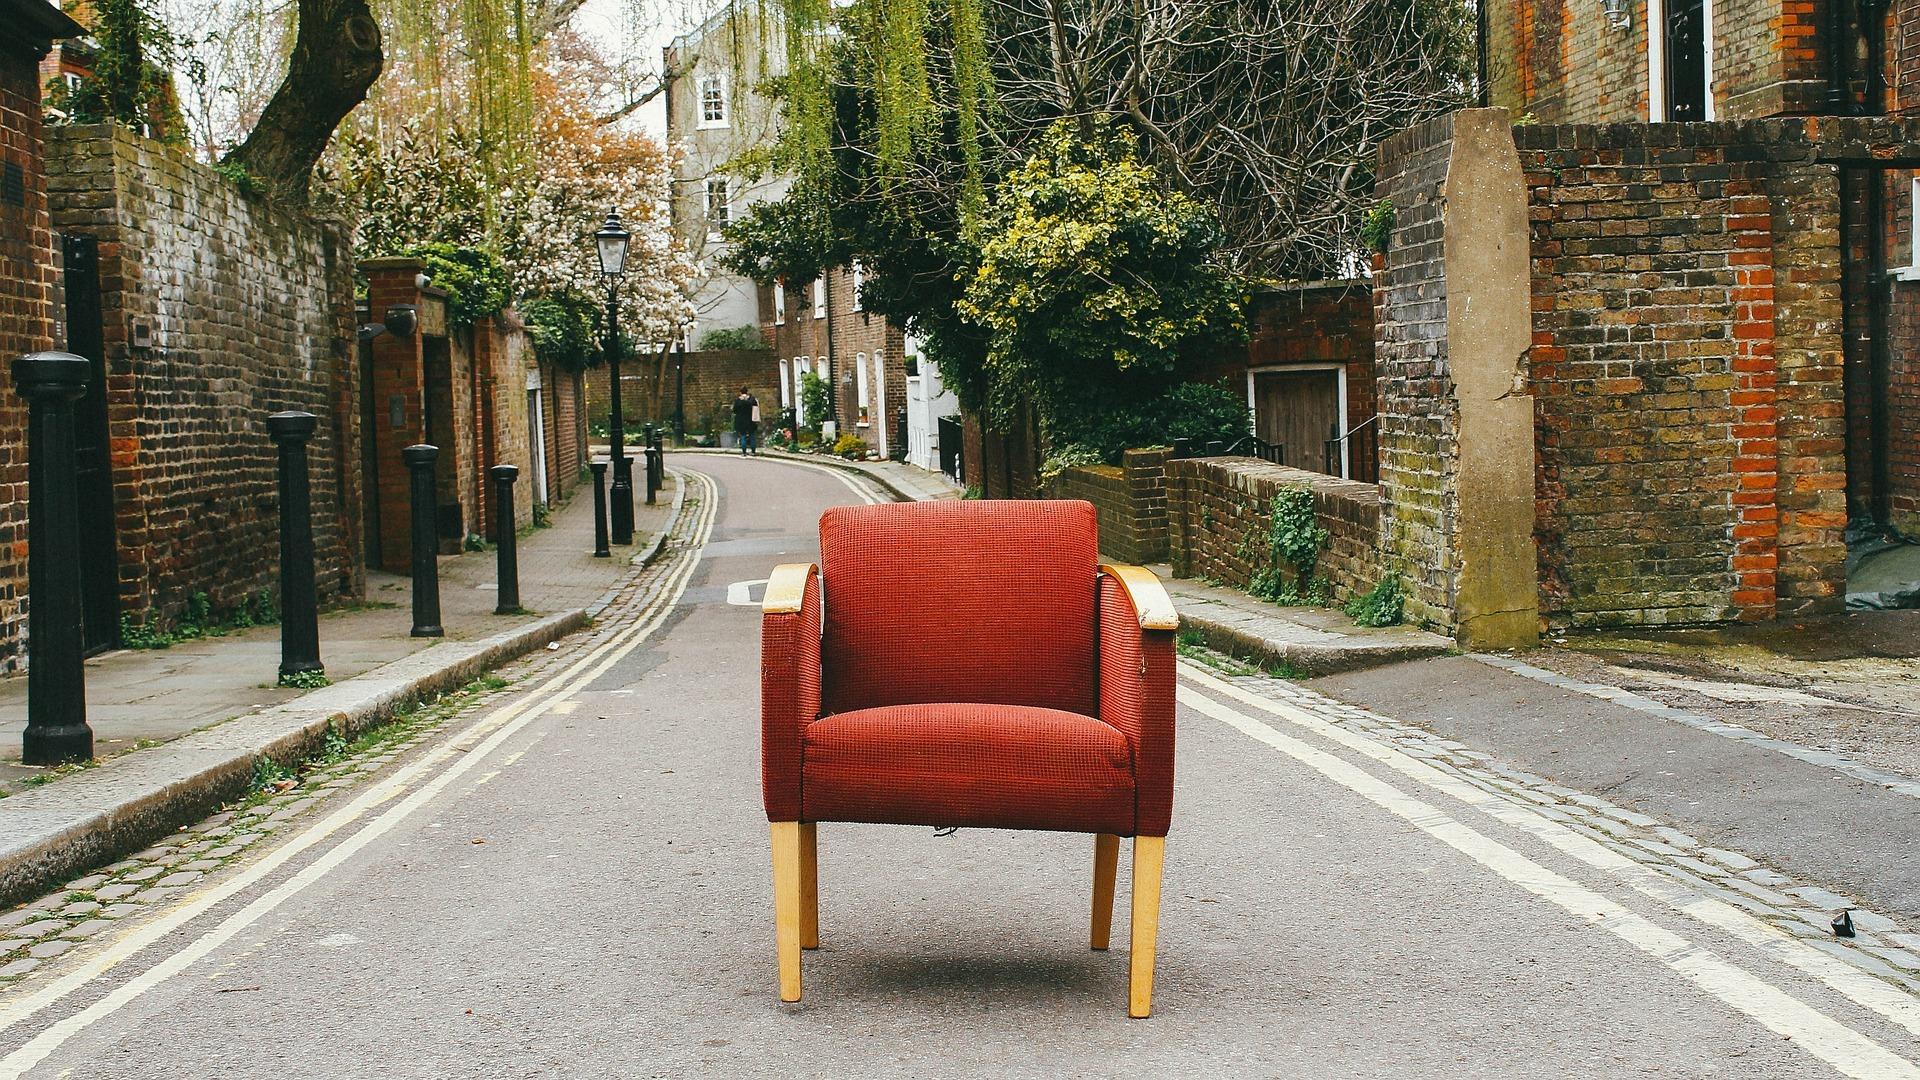 Möbel – Nachhaltigkeit lohnt sich  auf konsumguerilla.net